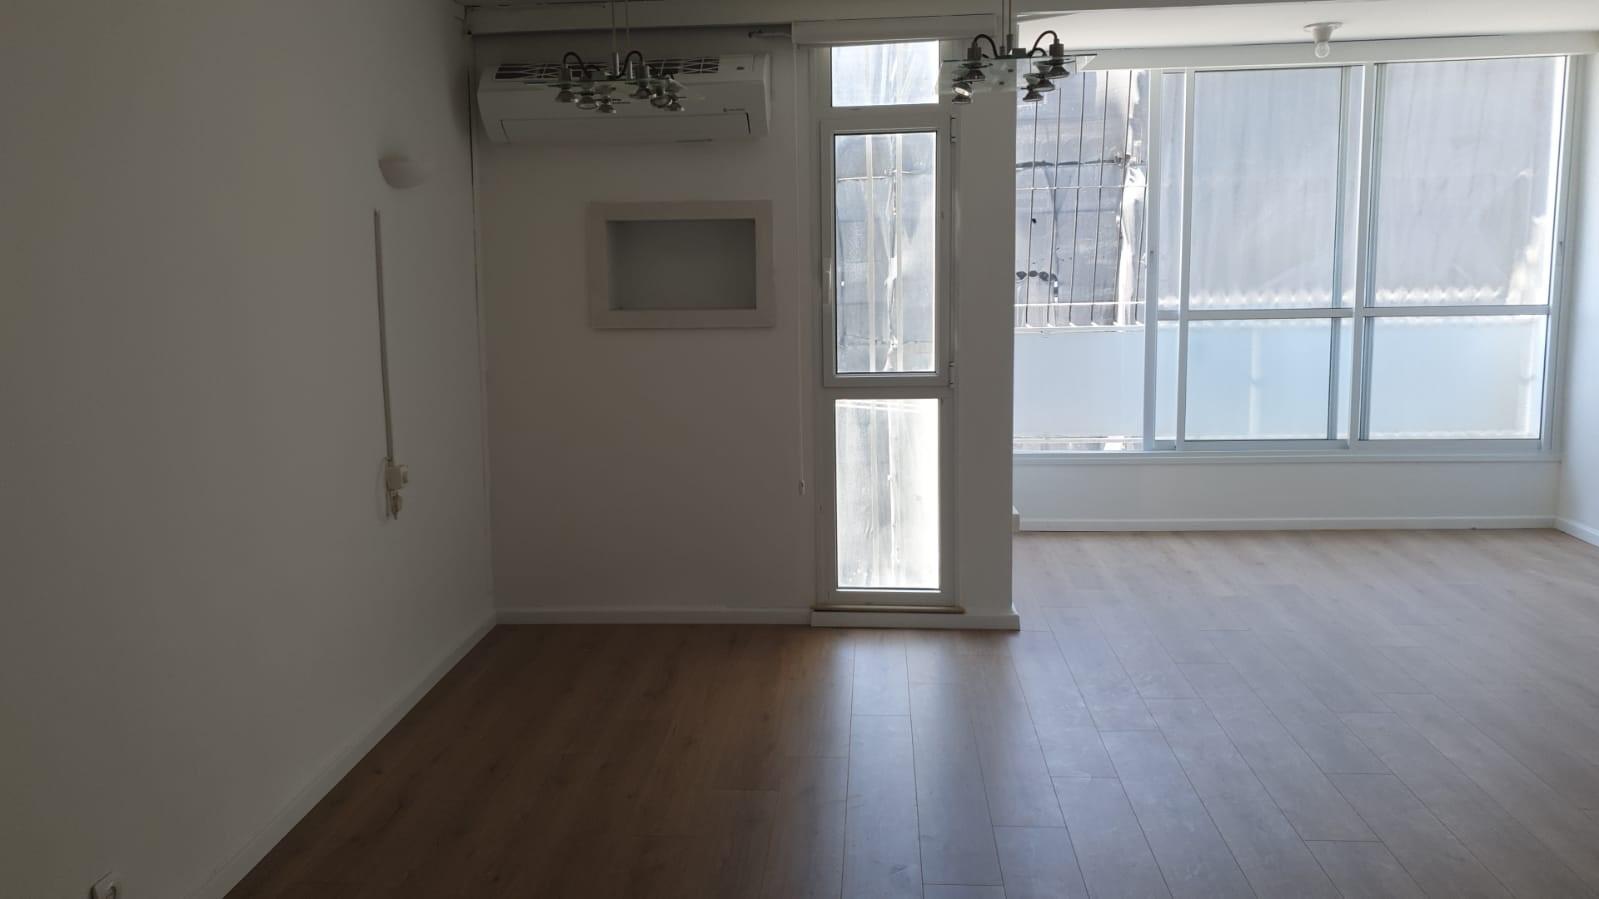 תמונה 4 ,דירה 4 חדרים מעפילי אגוז נוה חן תל אביב יפו